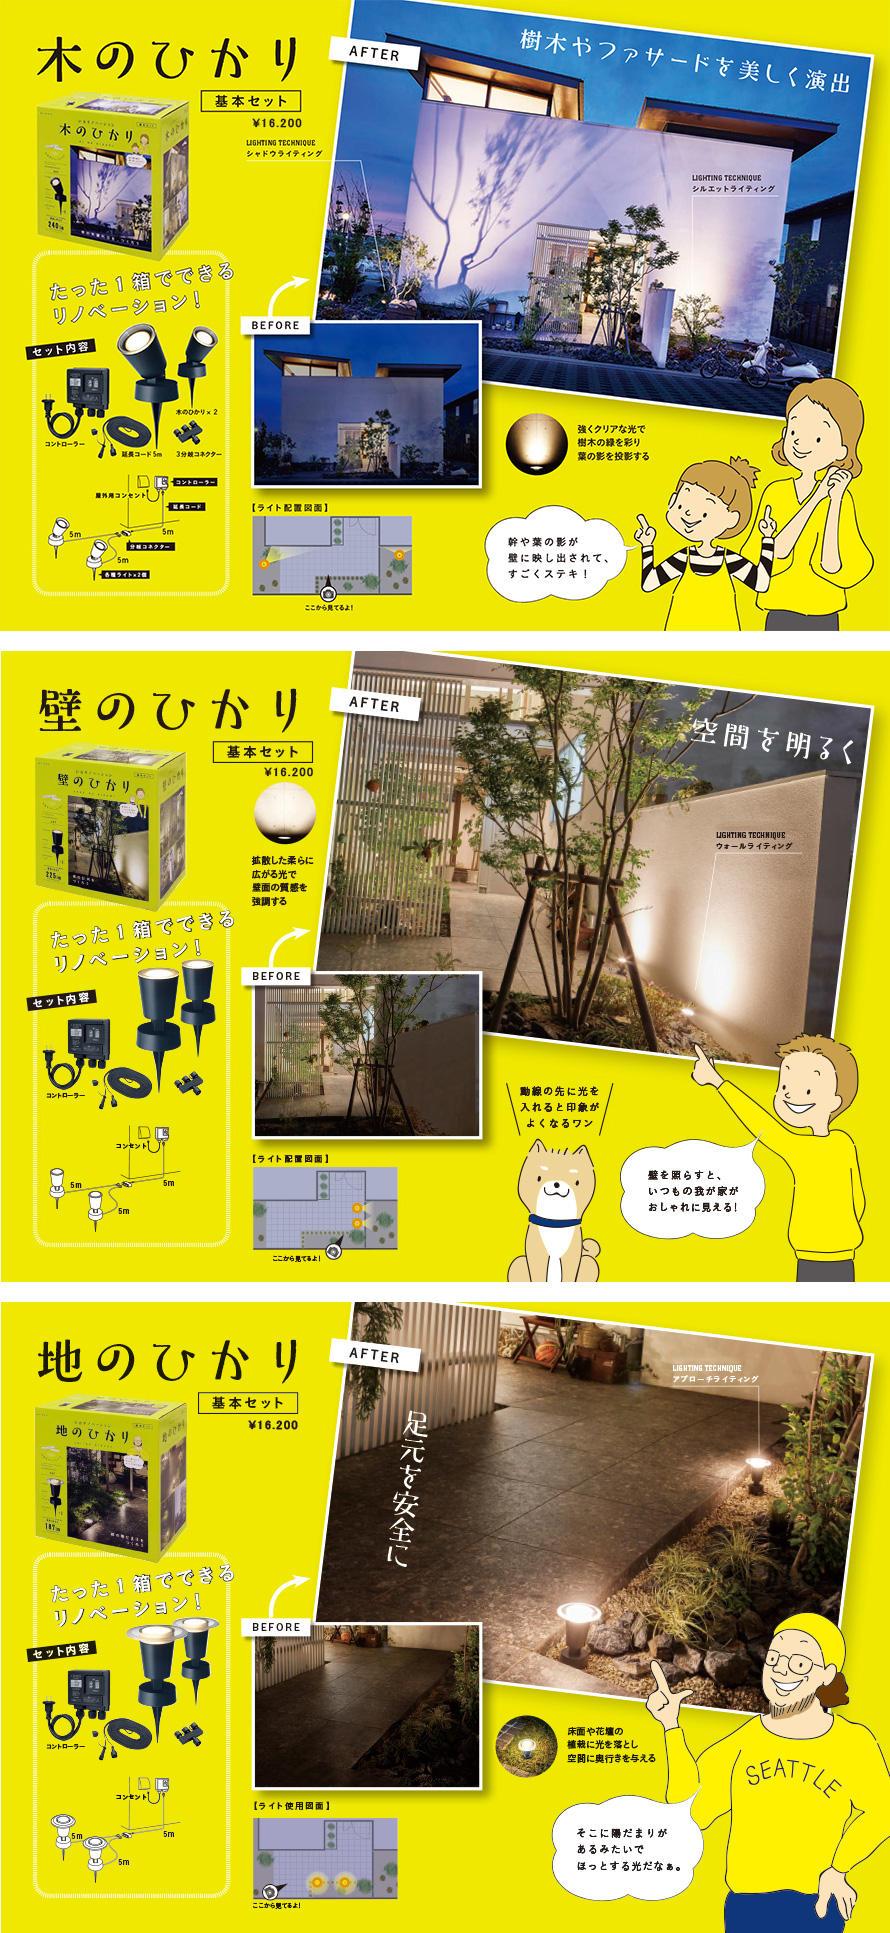 hikari100_890.jpg